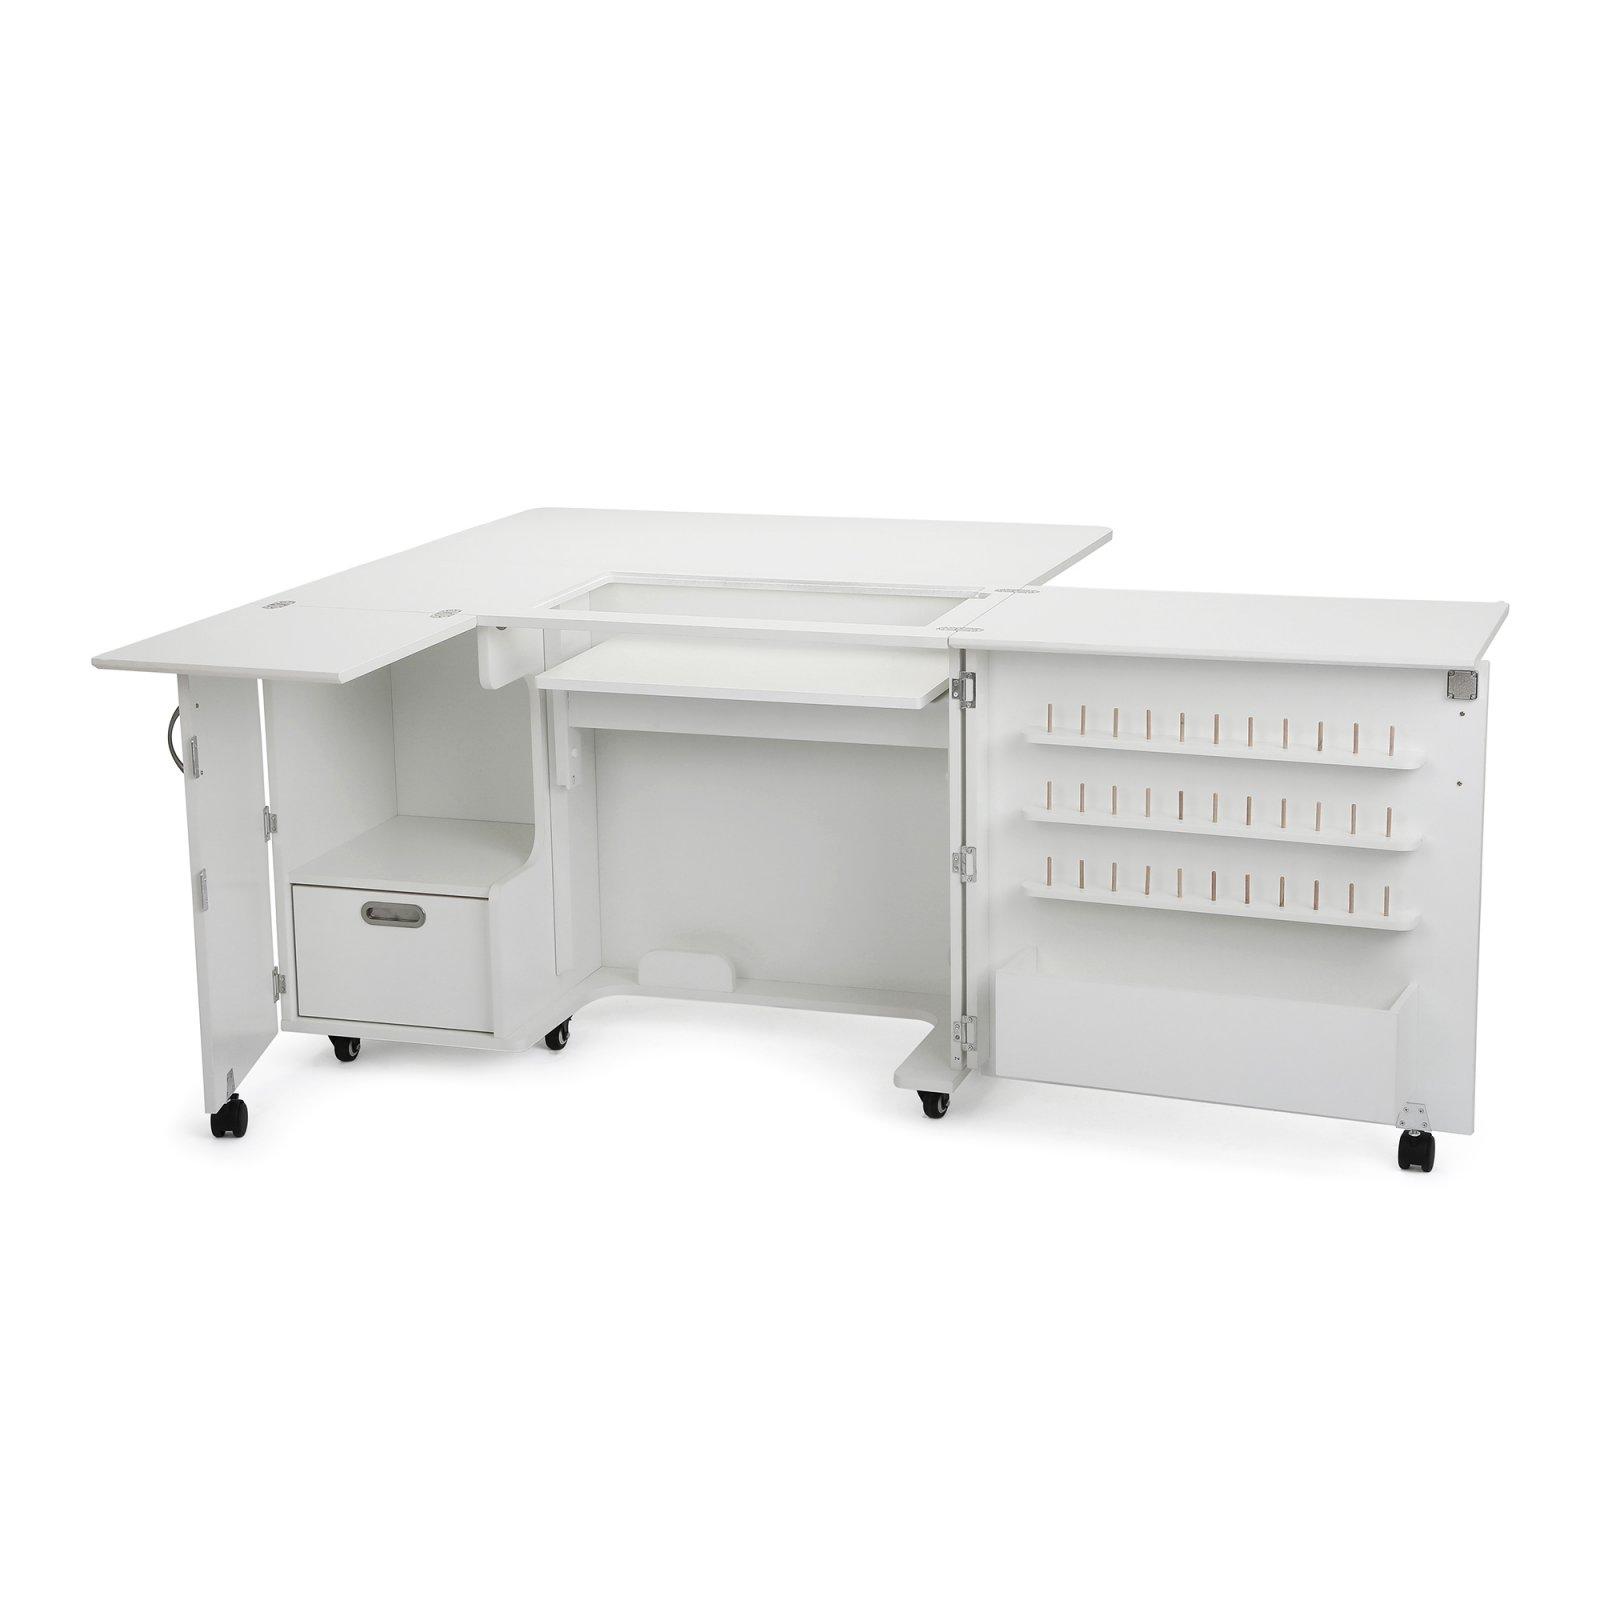 Wallaby II Cabinet - Kangaroo Sewing Furniture